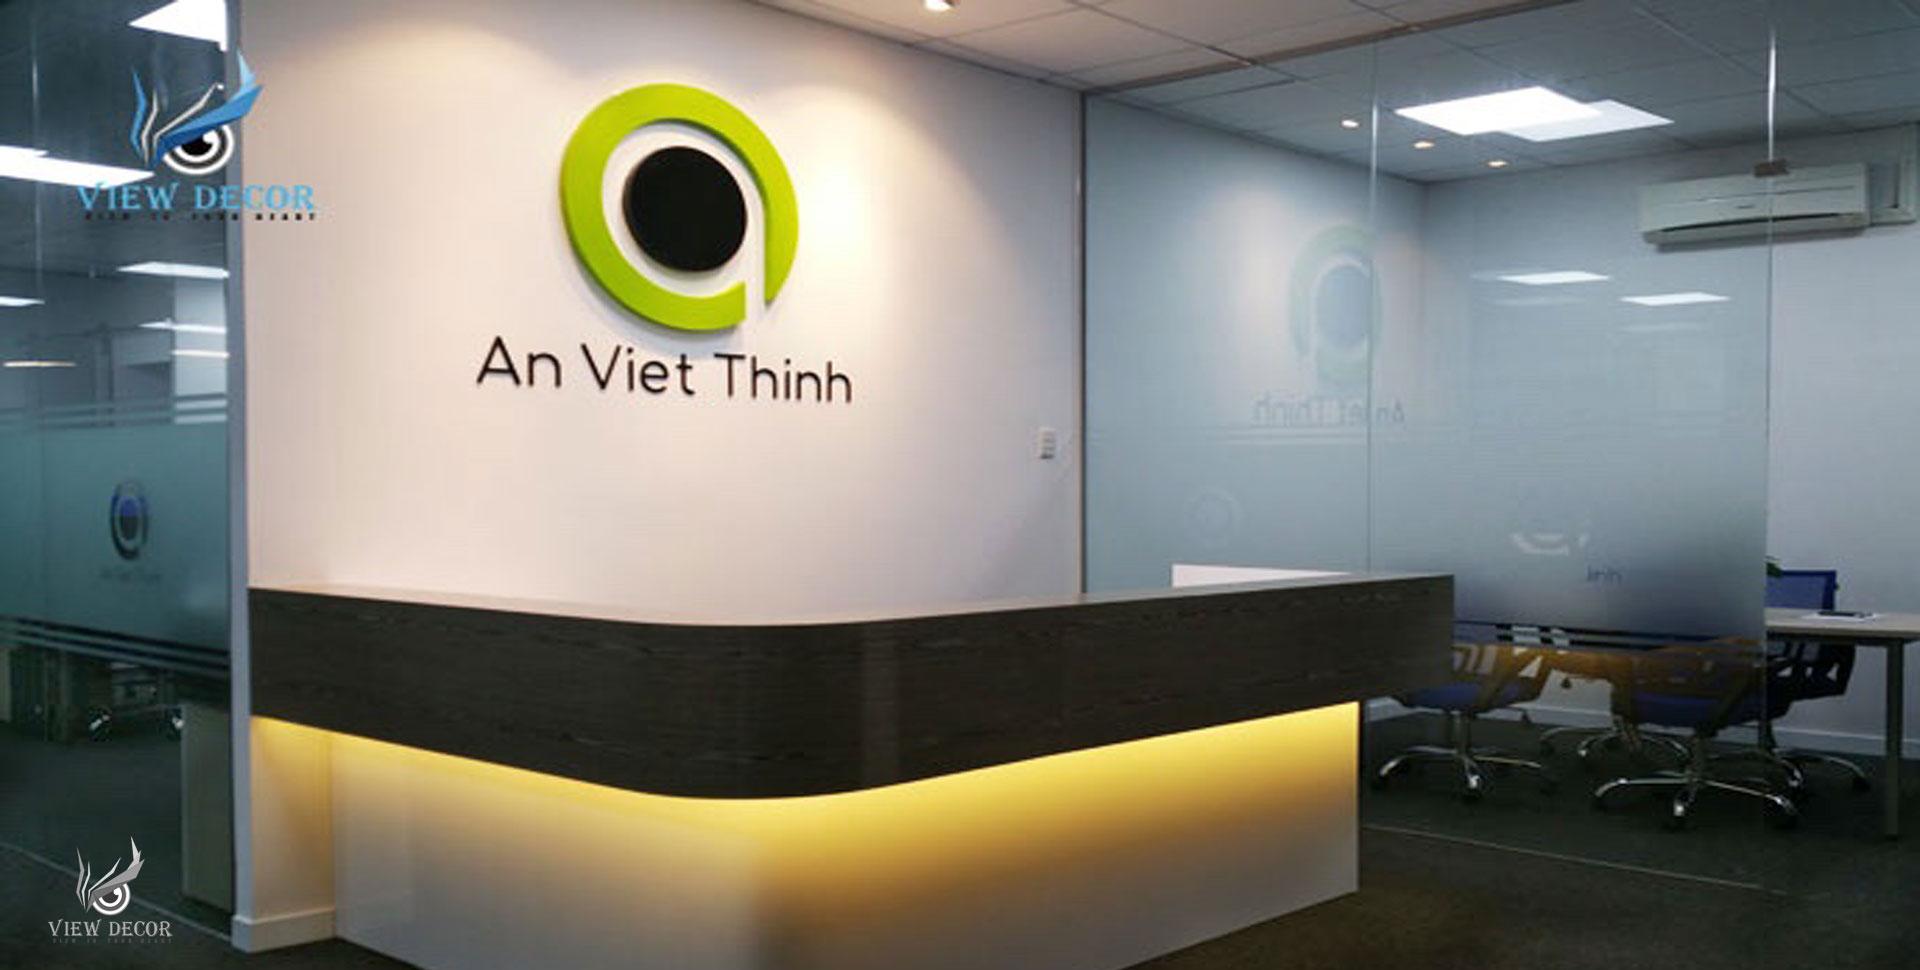 Thi Công Văn Phòng công ty An Việt Thịnh